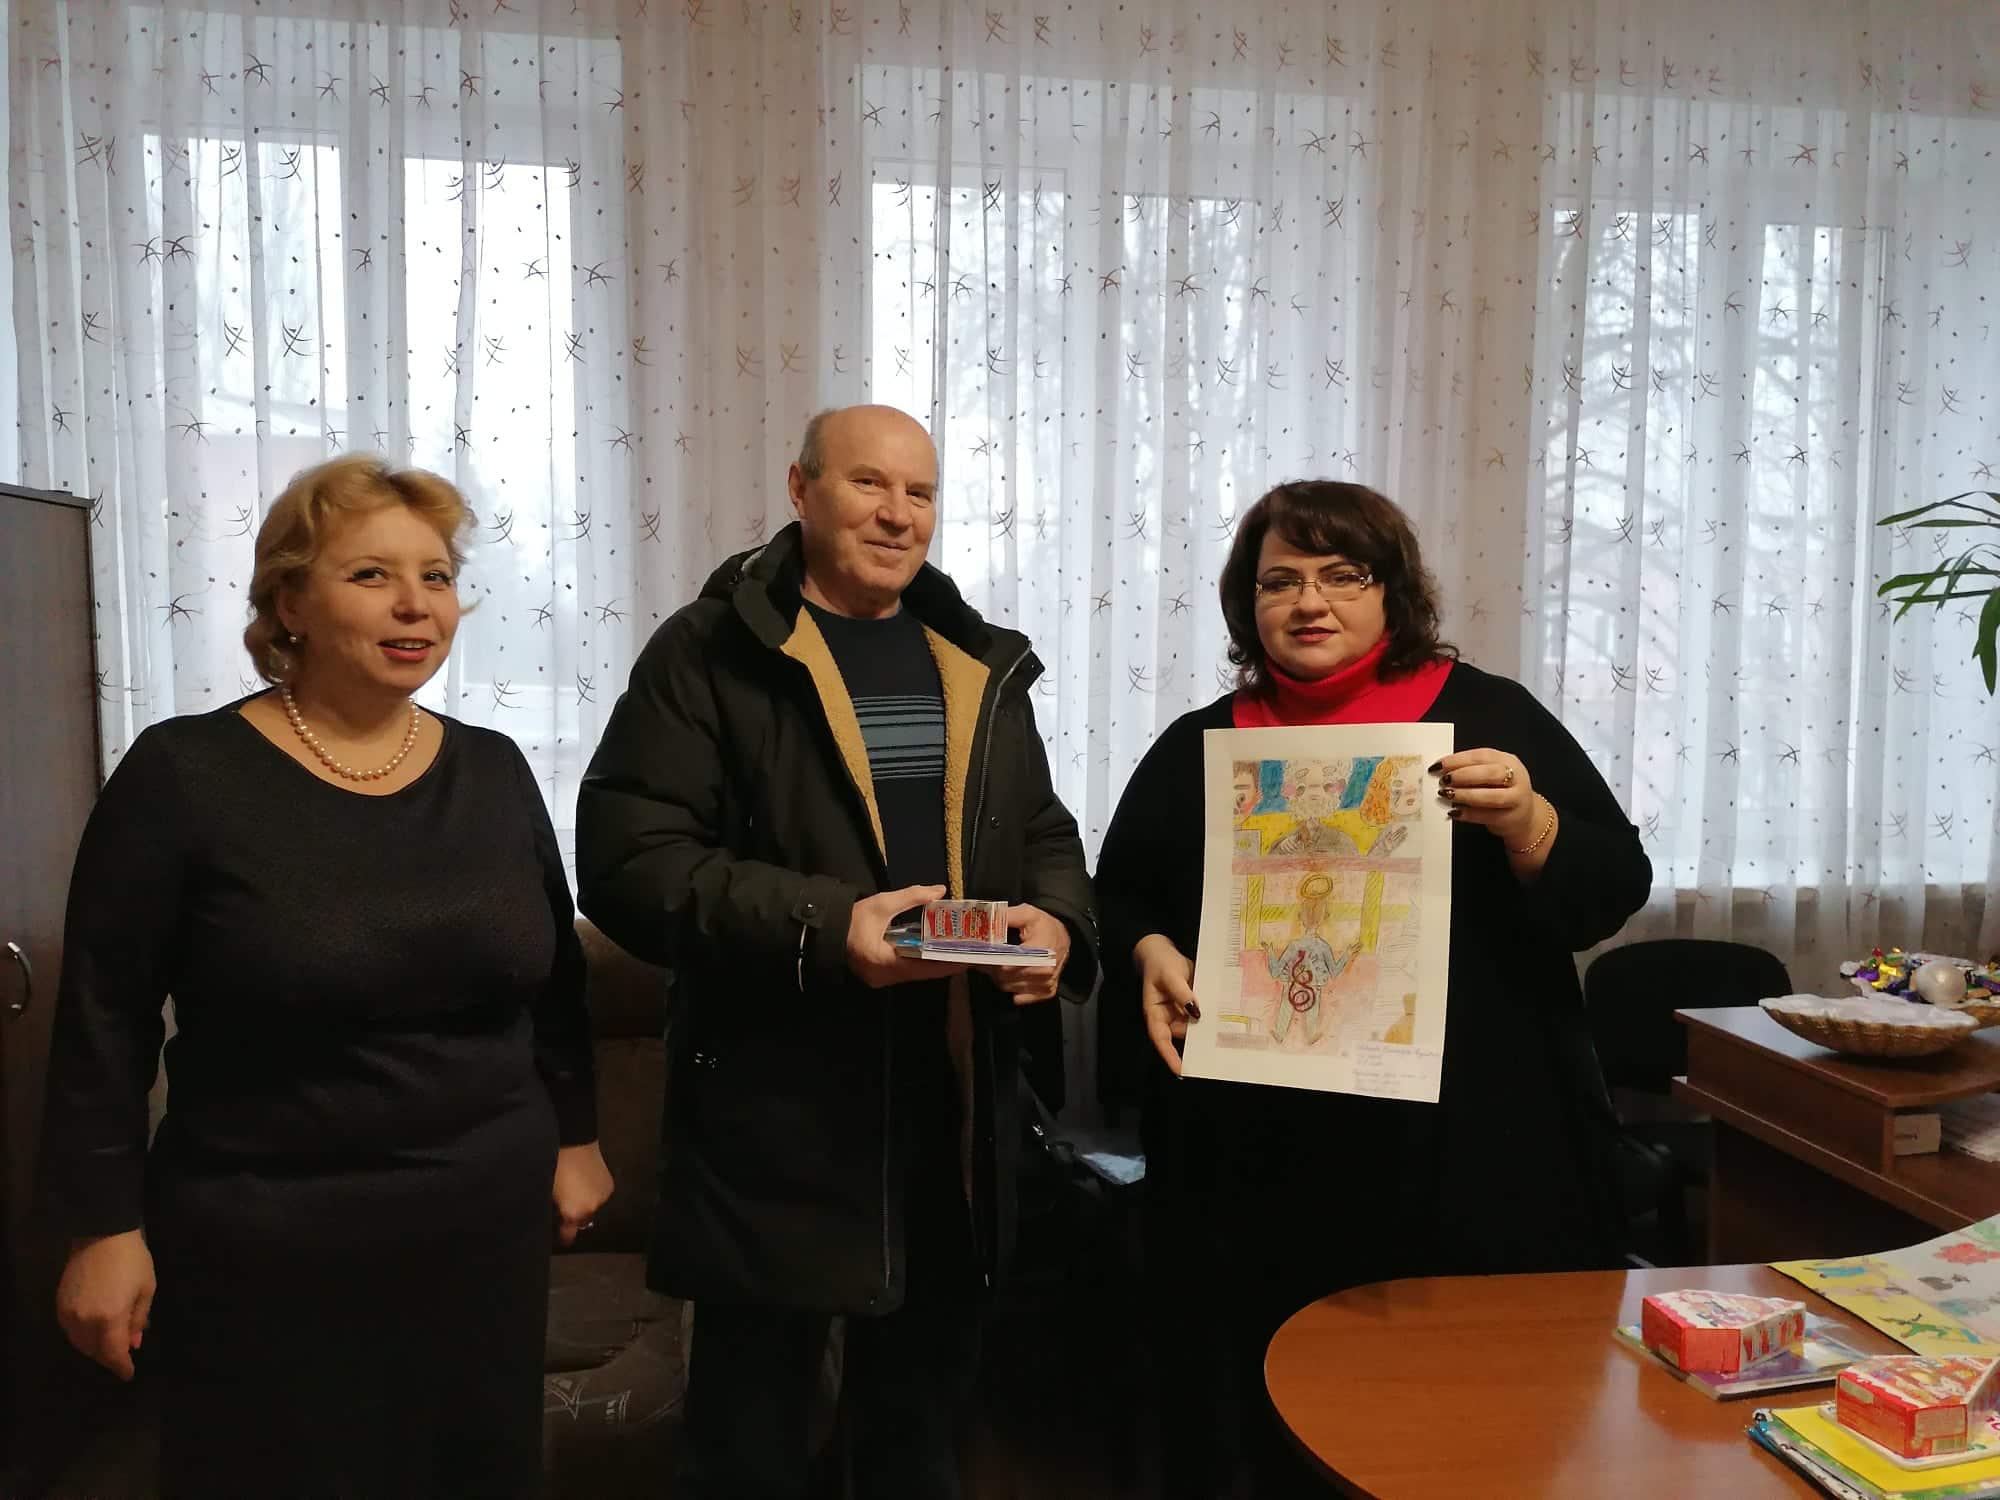 У Покровську визначено переможців конкурсу малюнків, які відзначені Дитячим фондом ООН ЮНІСЕФ, фото-1